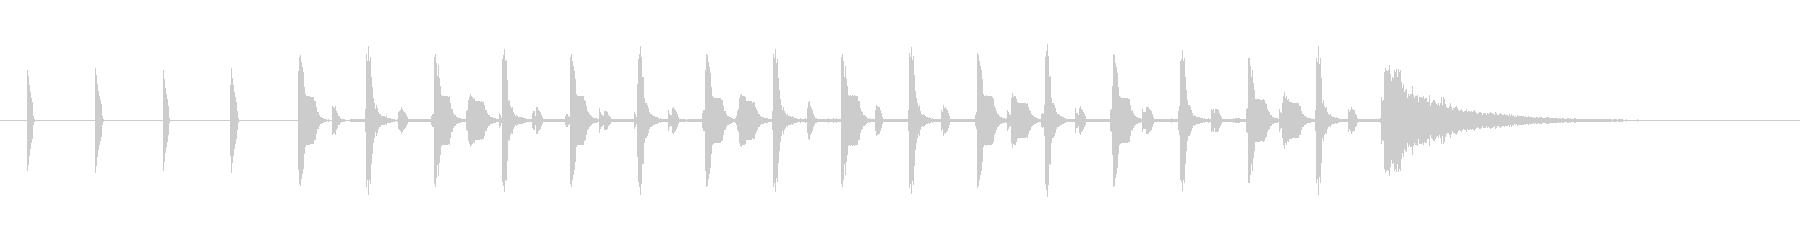 シンキングタイム約10秒ピコピコサウンドの未再生の波形